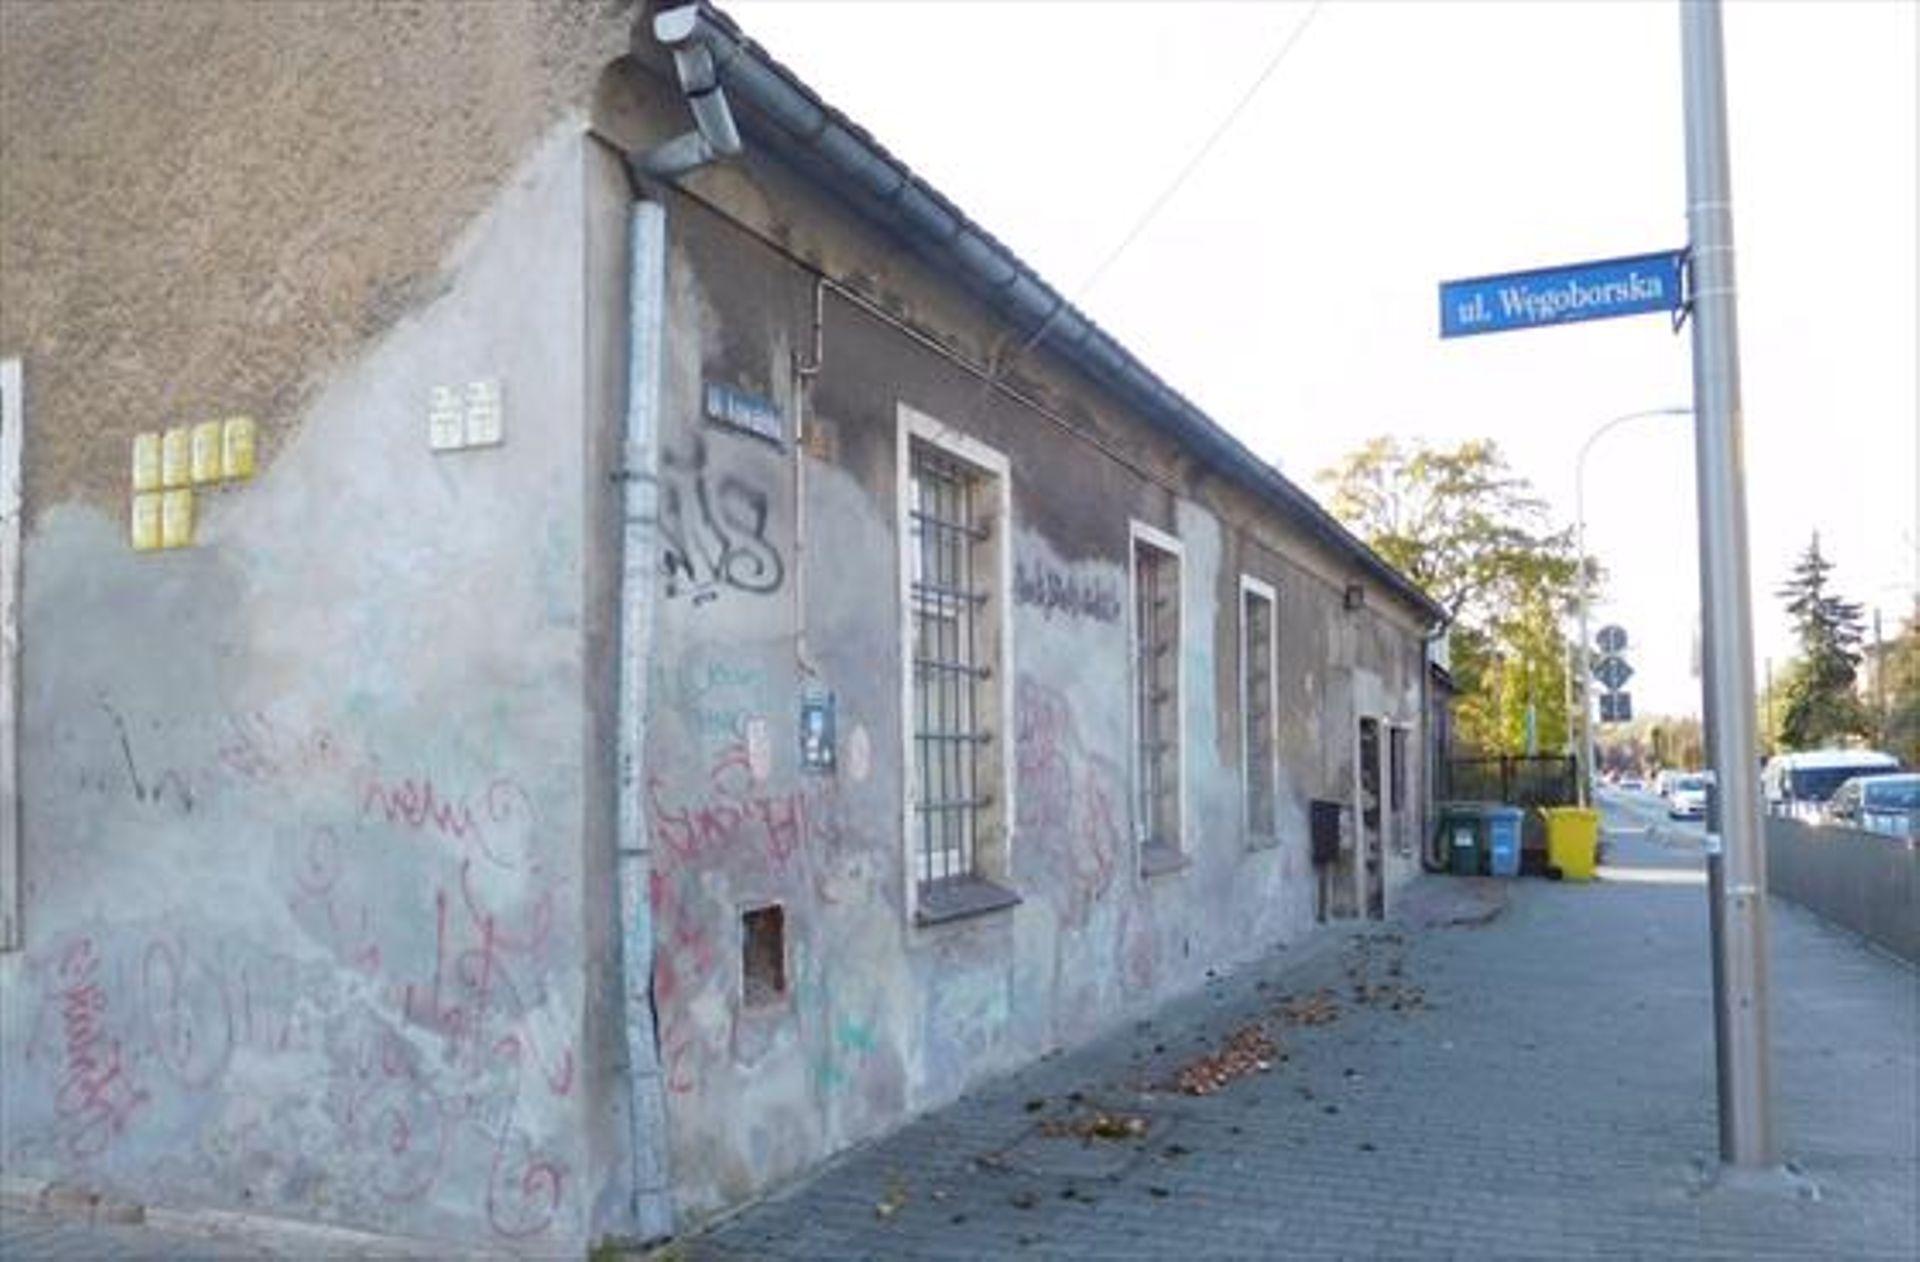 Wrocław: Kolejne miejskie działki w rejonie Kowalskiej trafią w ręce deweloperów